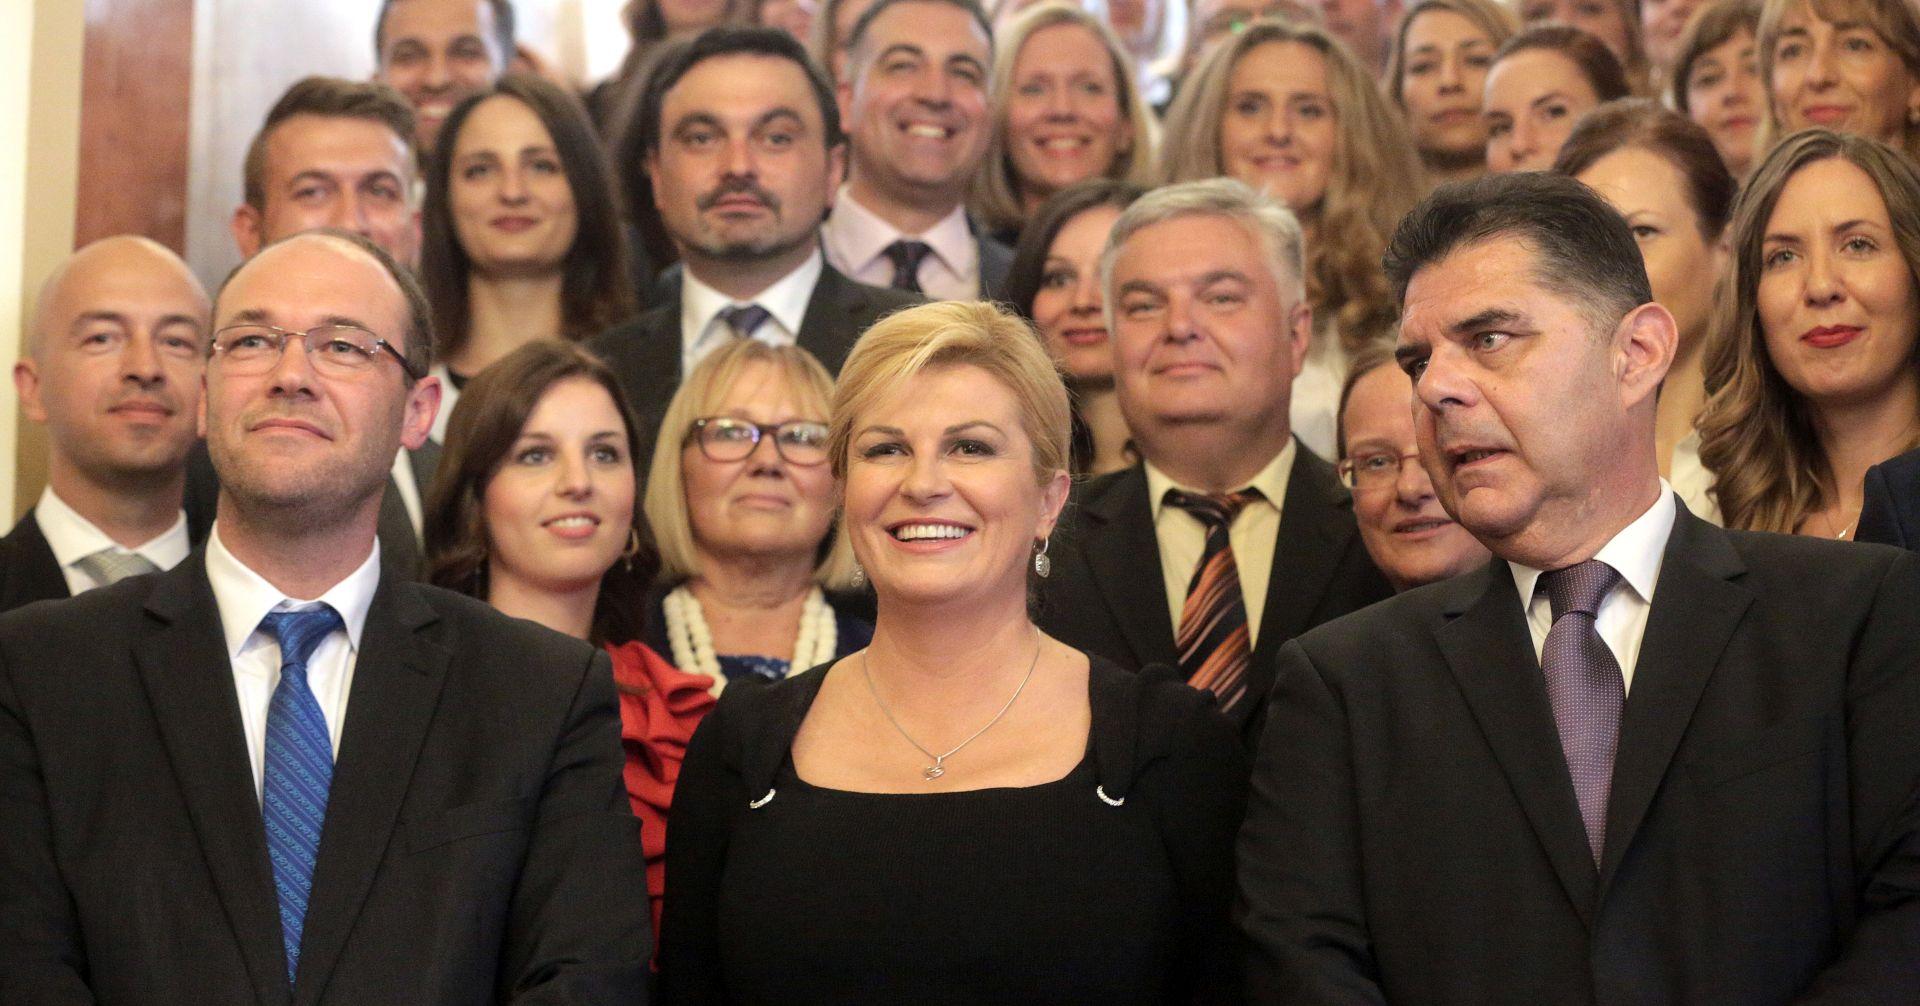 GRABAR KITAROVIĆ 'Hrvatska mora iskoristiti svoj geopolitički potencijal'